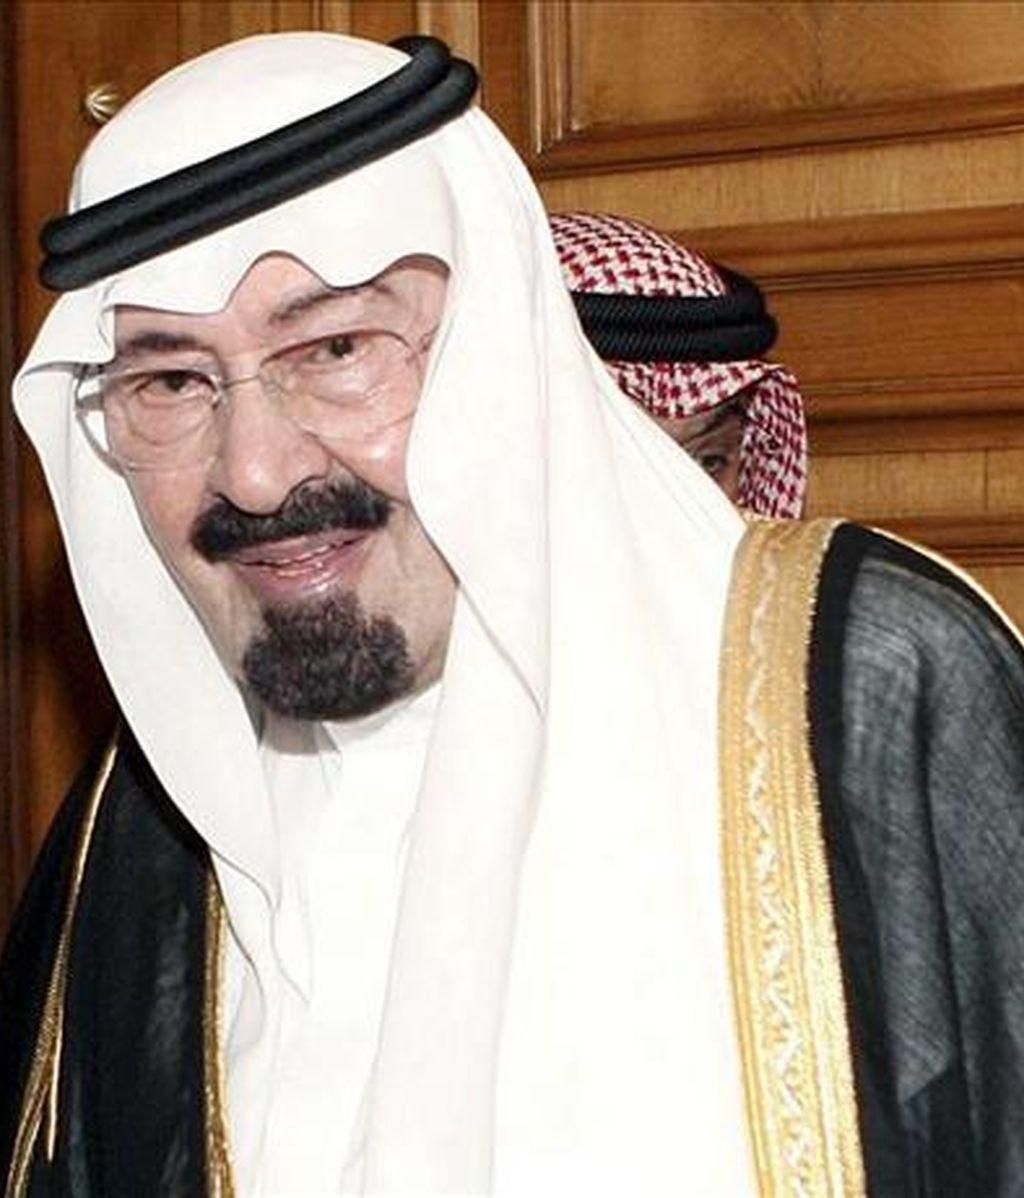 El rey de Arabia Saudí, Abdulá bin Abdelaziz sufre de una hernia de disco y un coágulo que presionan algunos nervios en la parte baja de la espalda, según ha informado la Casa Real saudí. EFE/Archivo